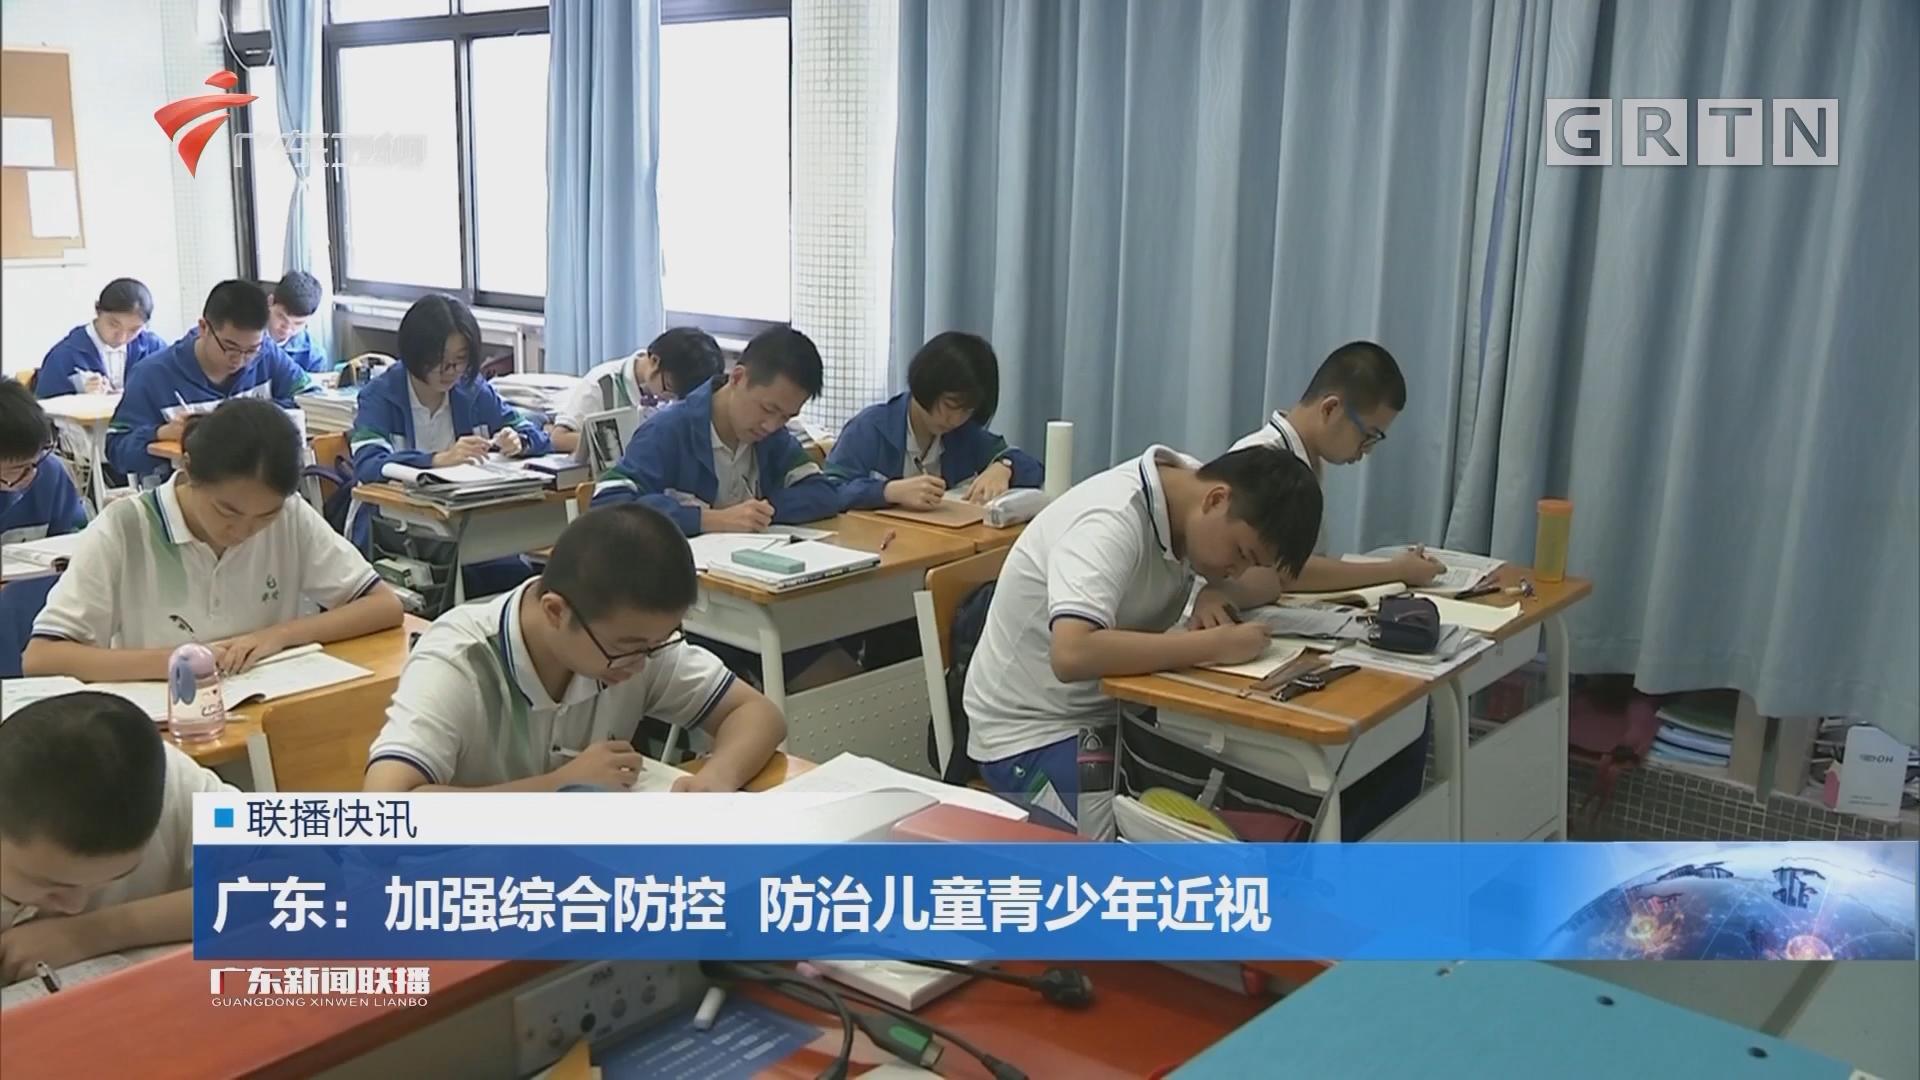 广东:加强综合防控 防治儿童青少年近视